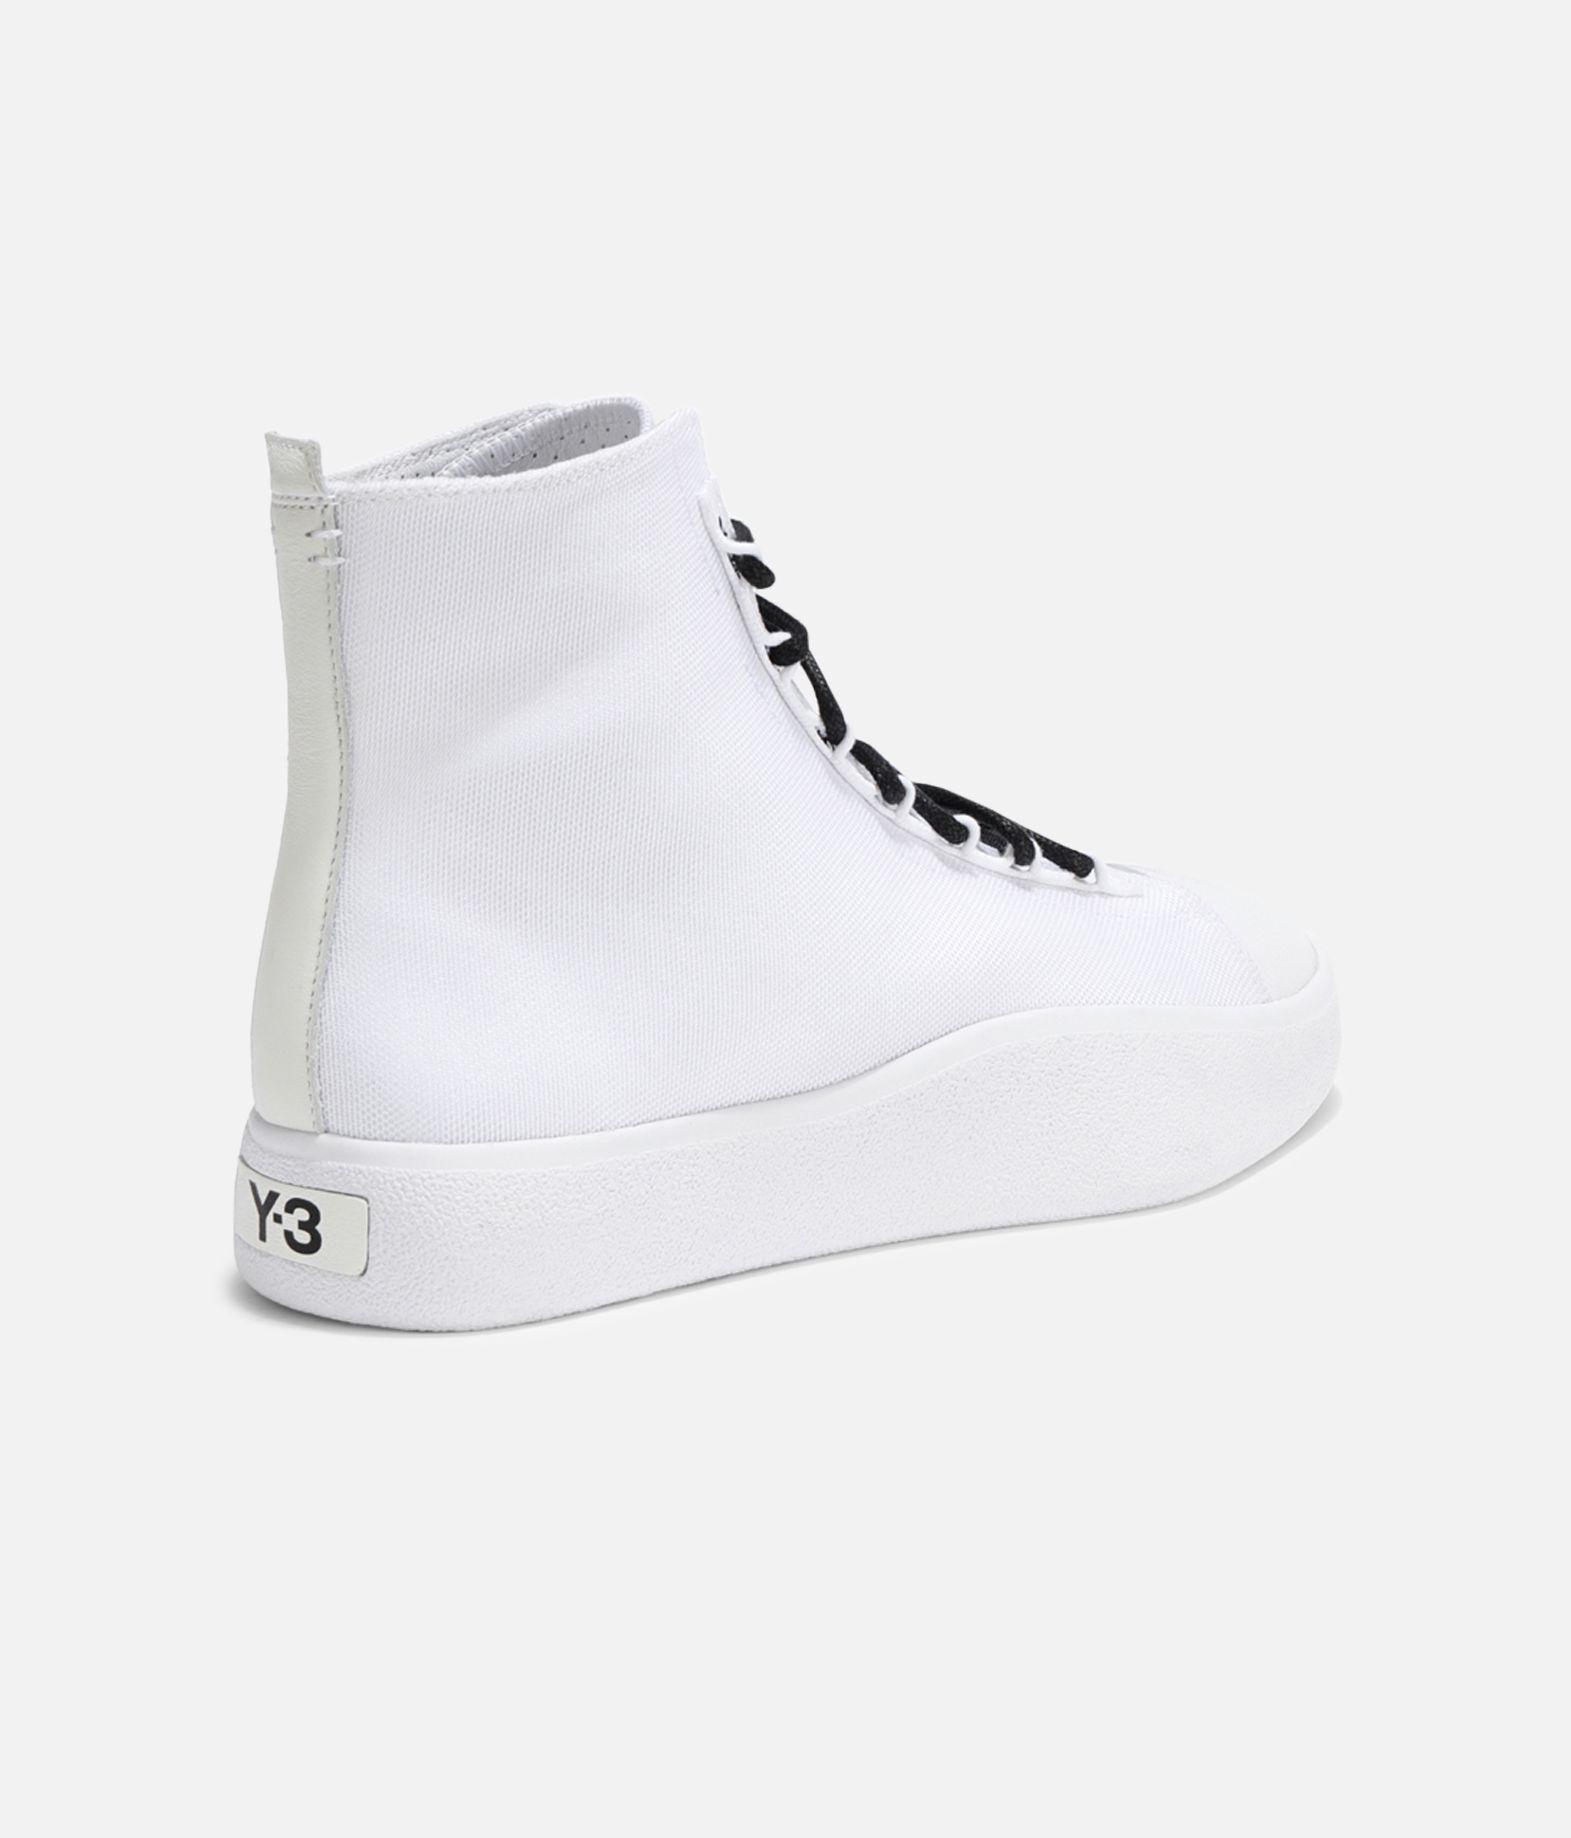 Y-3 Y-3 Bashyo Высокие кроссовки E d